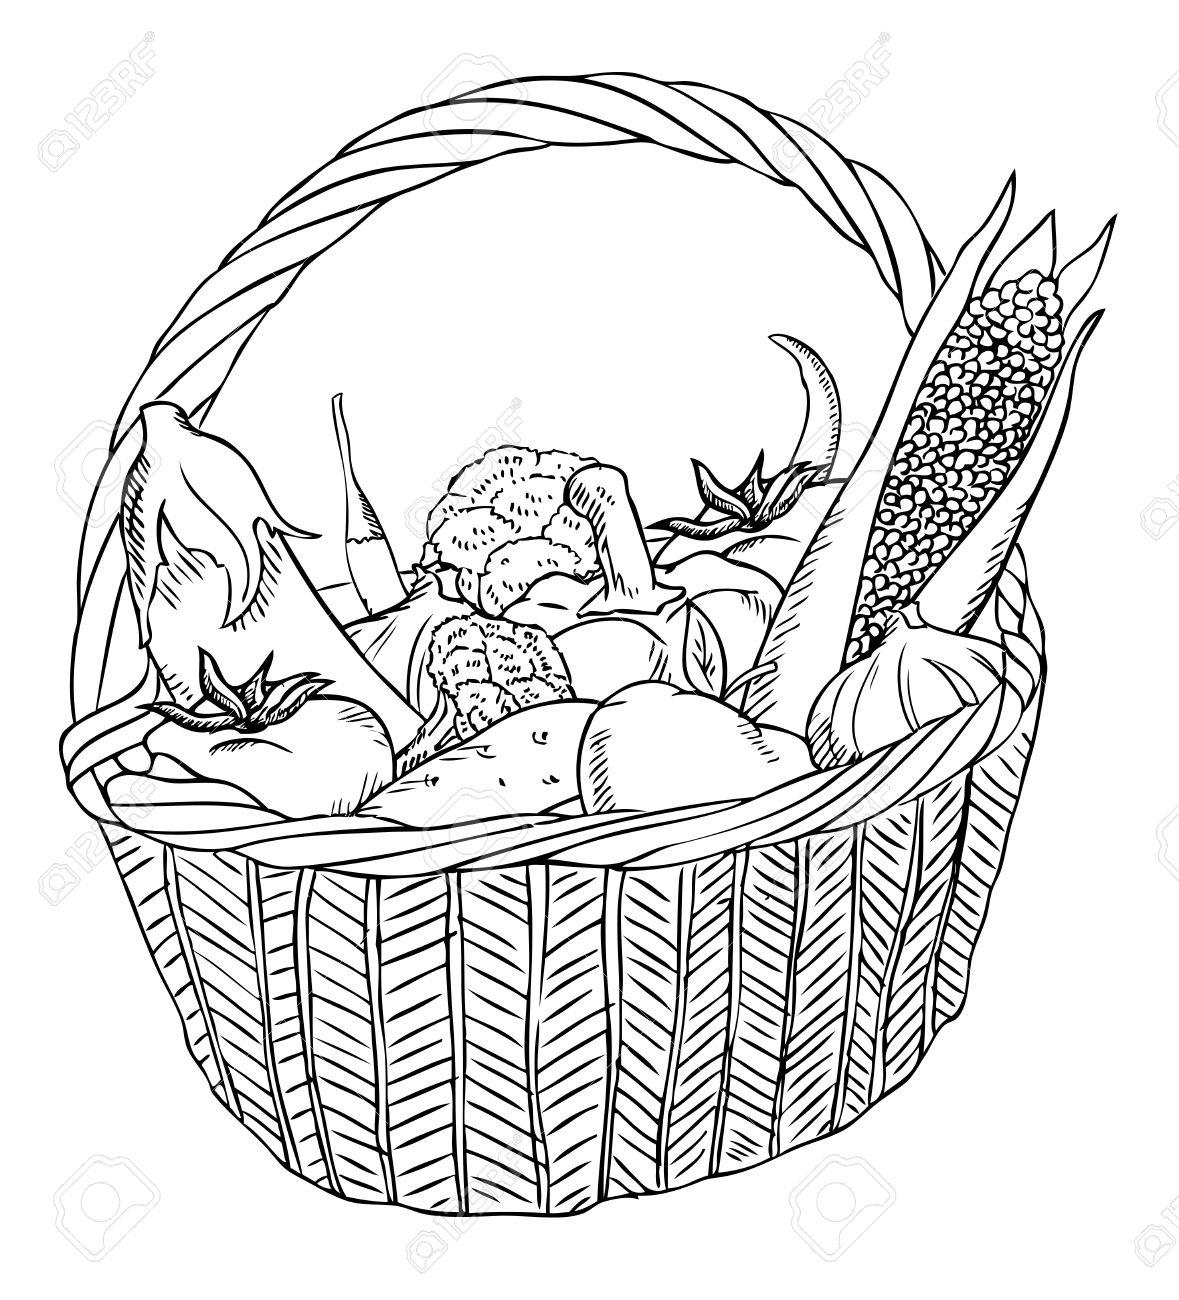 Baskets Drawing At Getdrawings